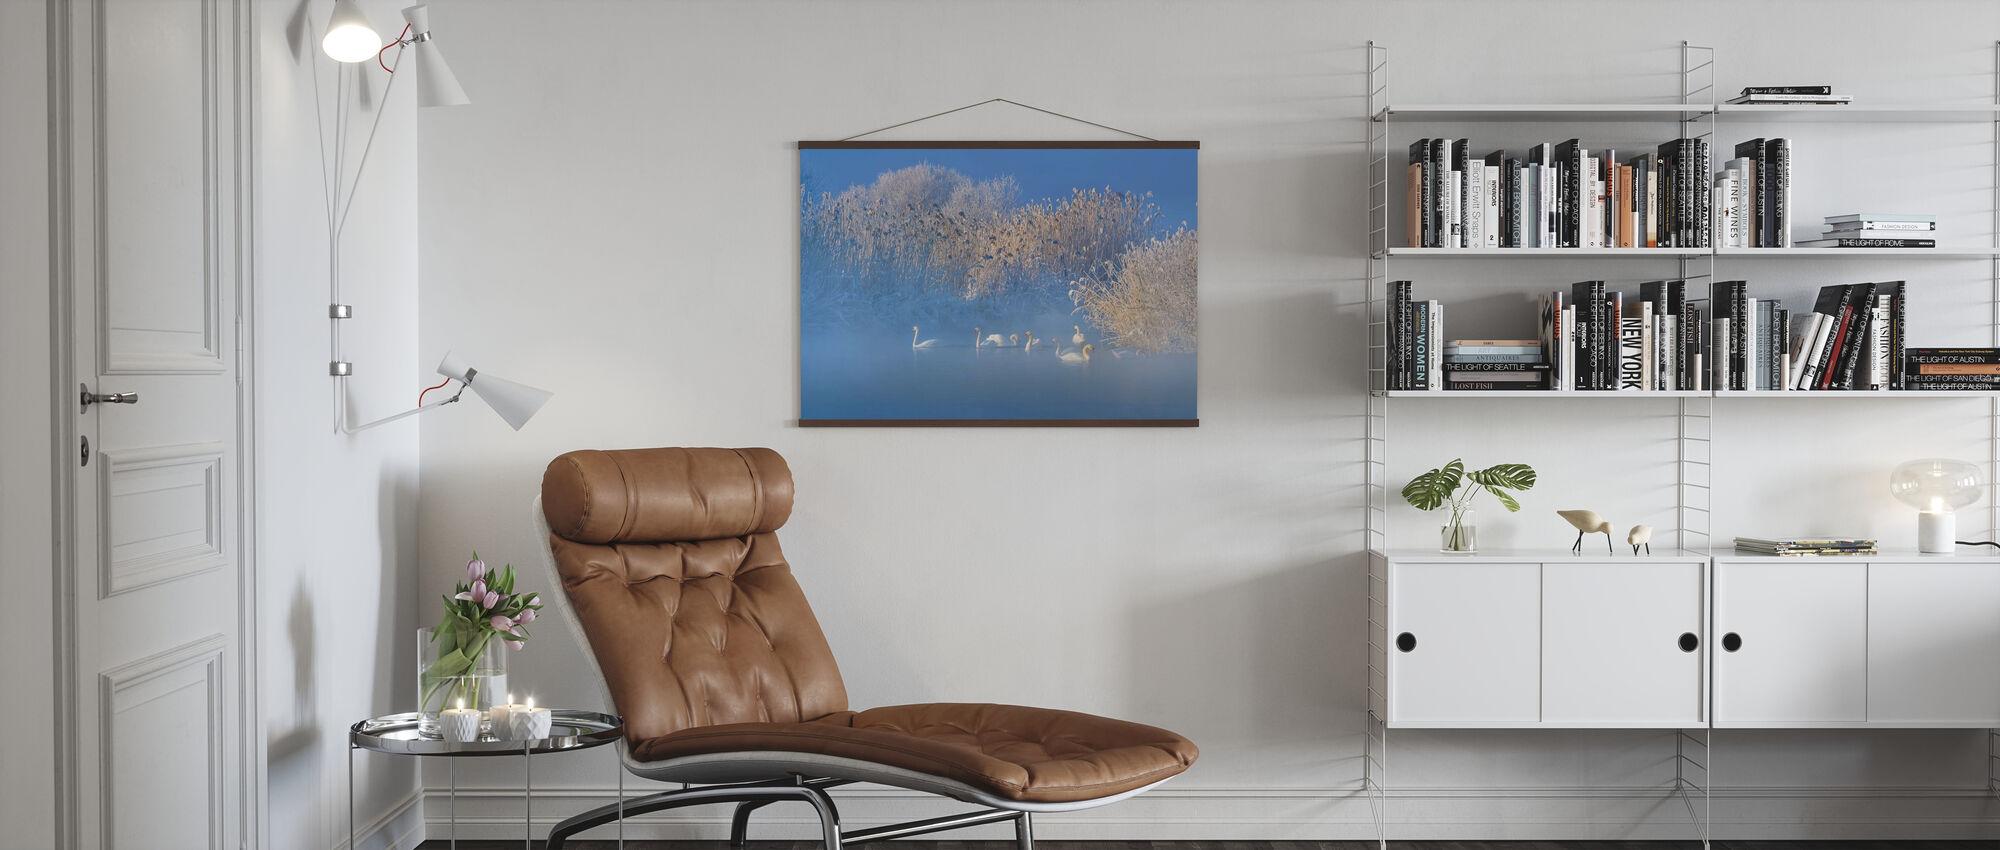 Blue Swan Lake - Poster - Living Room